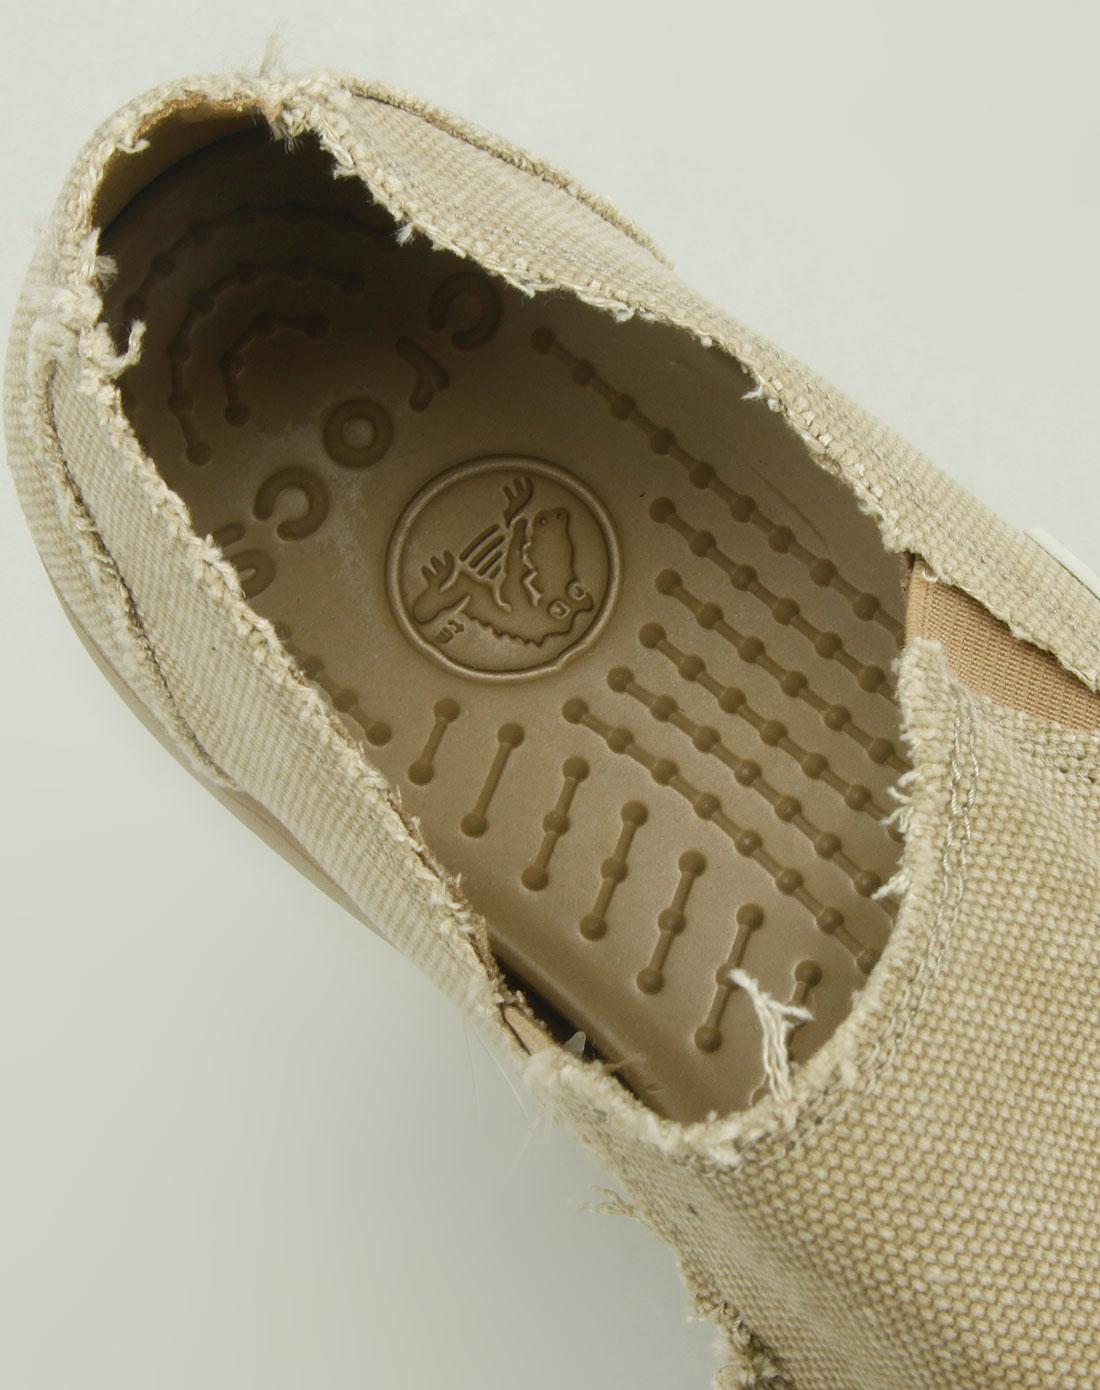 卡路驰crocs男款卡其色帆布鞋